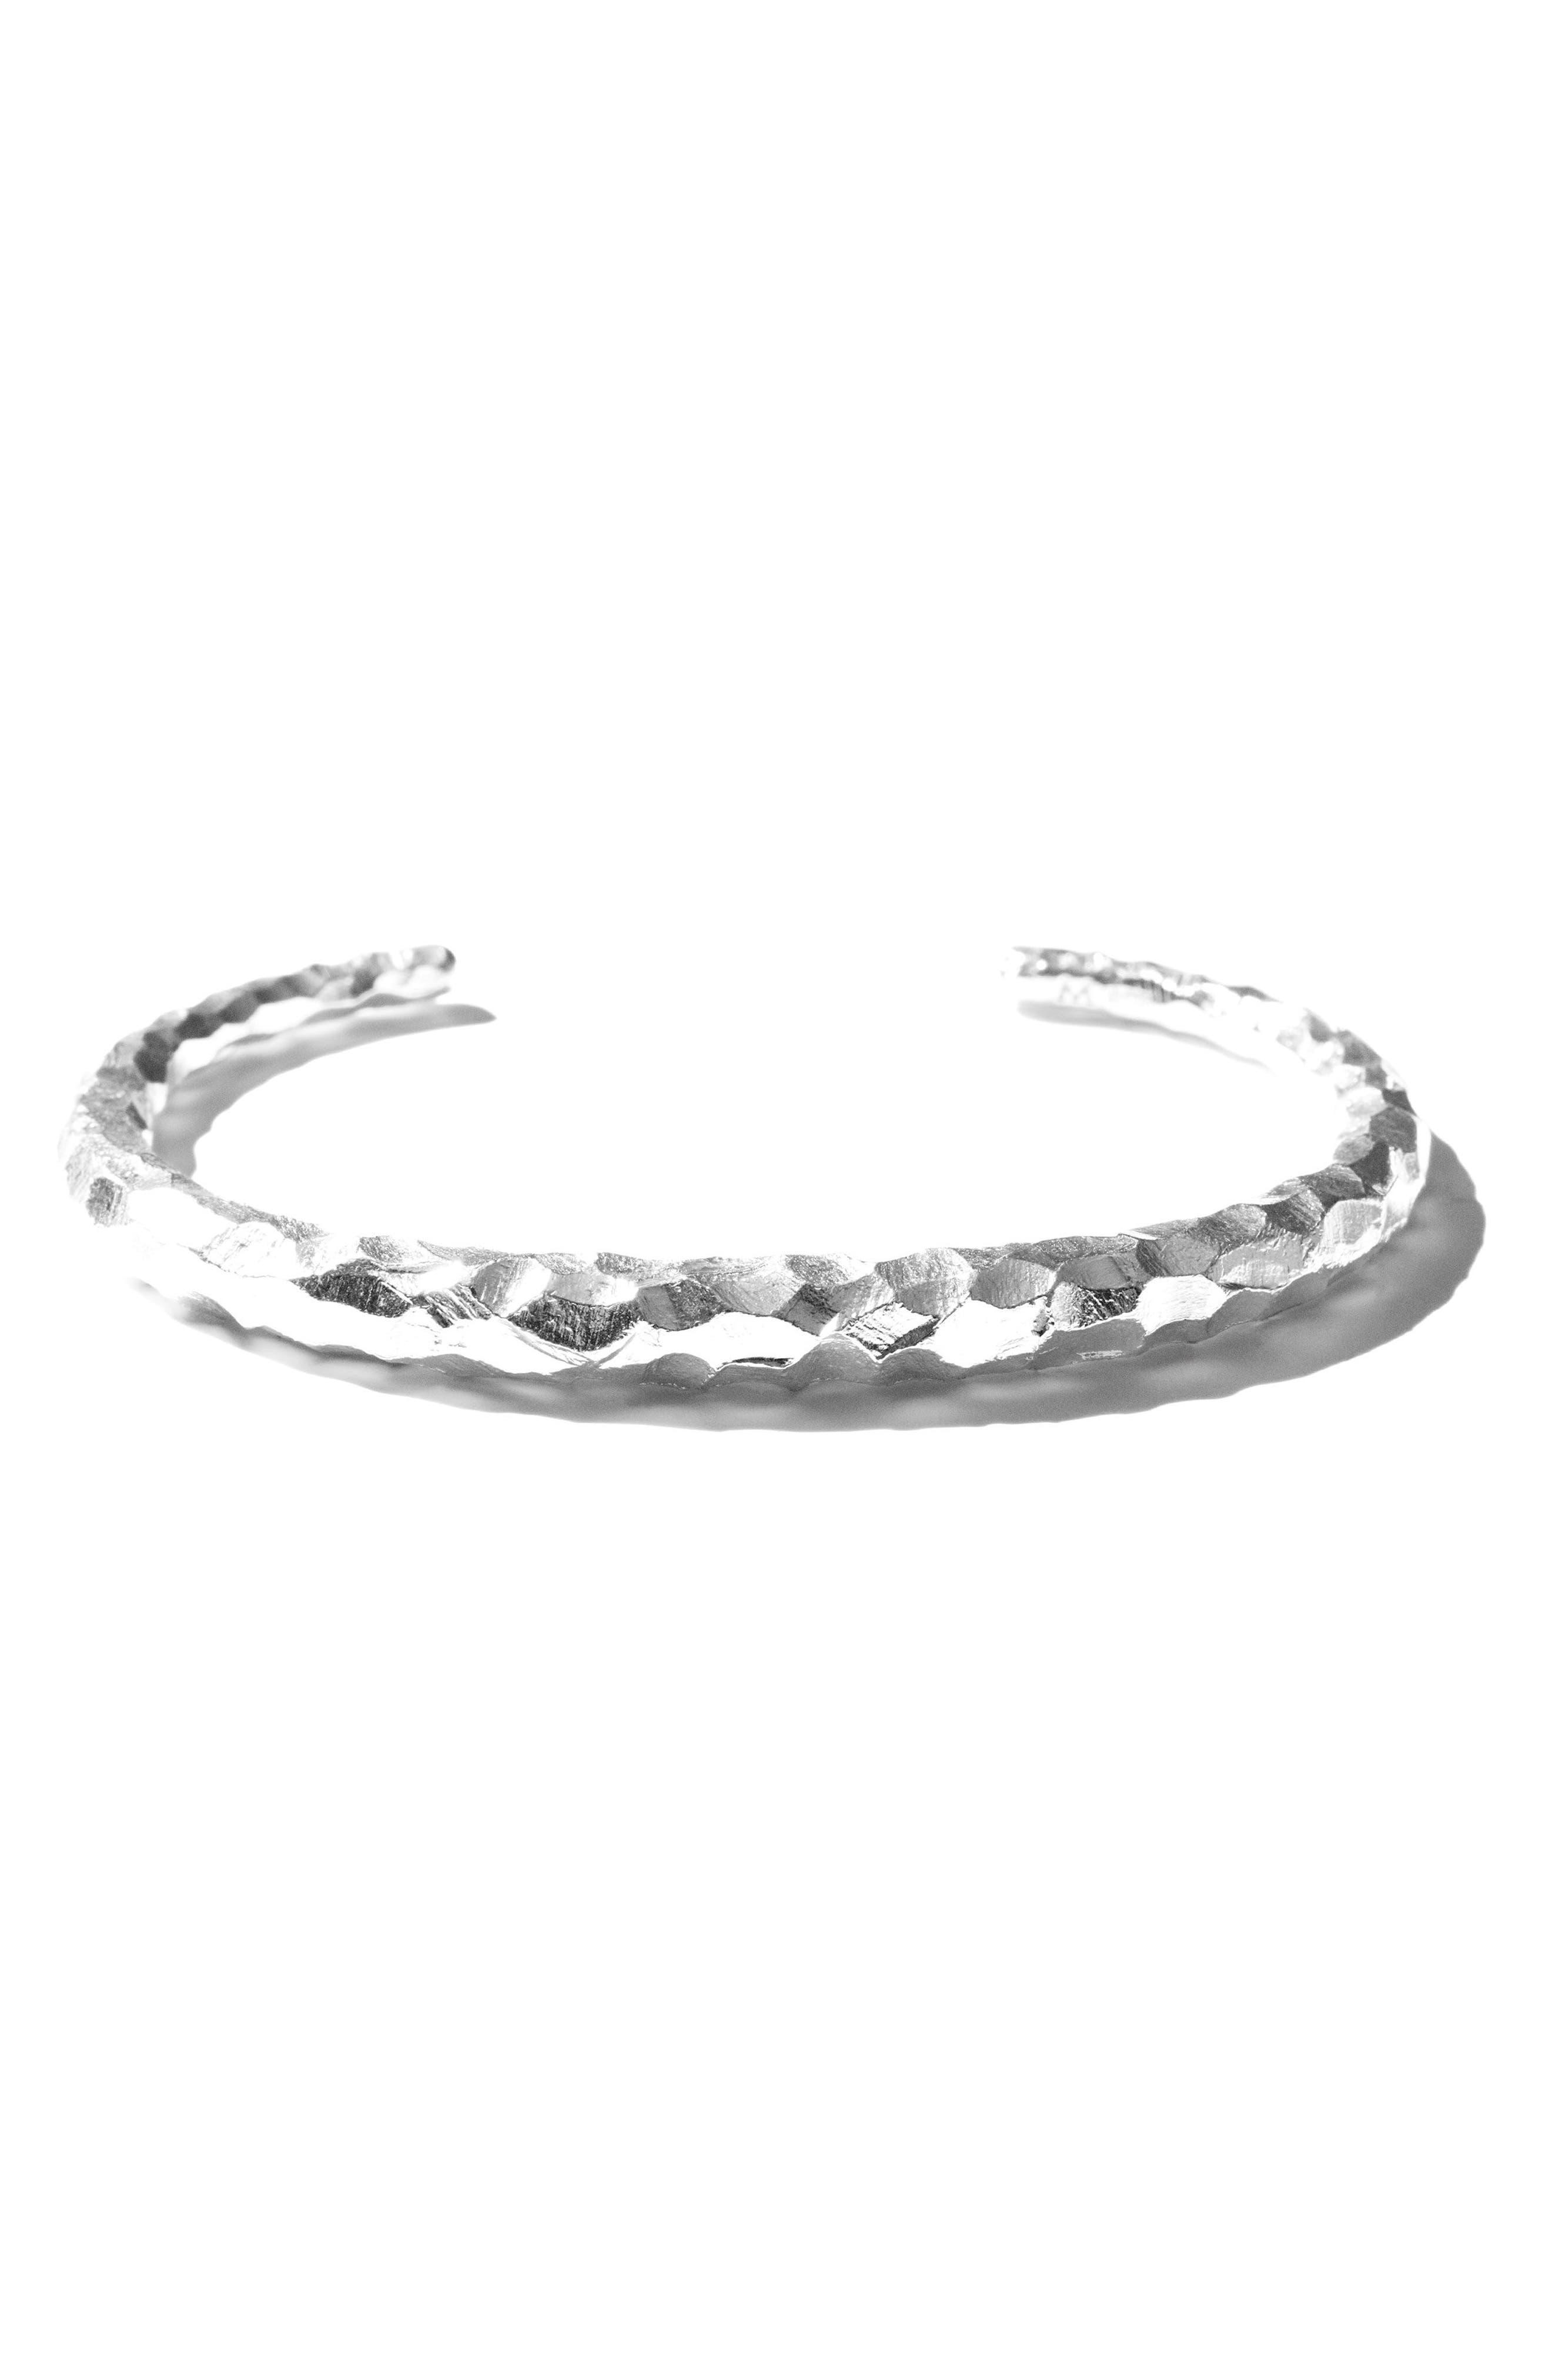 Large Snake Carved Silver Bracelet,                             Alternate thumbnail 6, color,                             CARVED SILVER